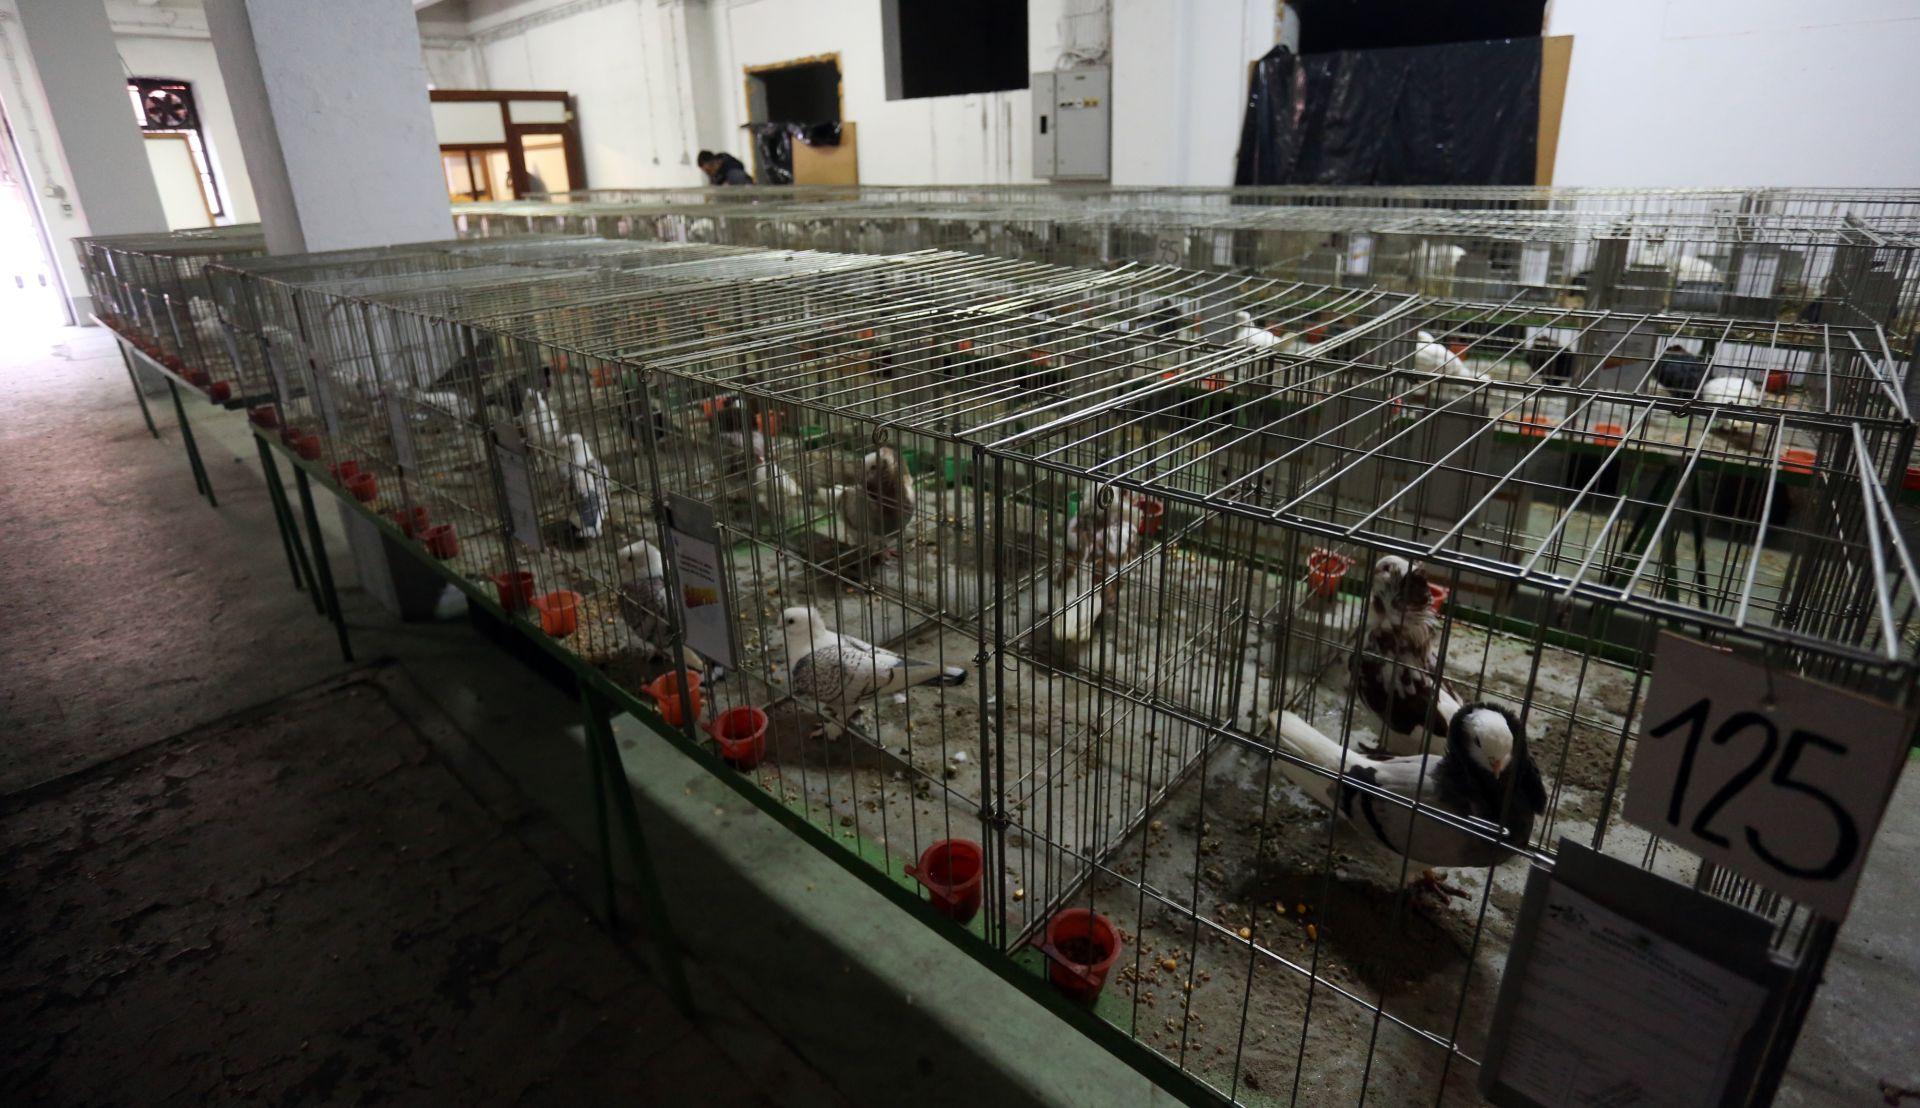 SPRJEČAVANJE PTIČJE GRIPE: Odgođena izložba malih životinja u Virovitici